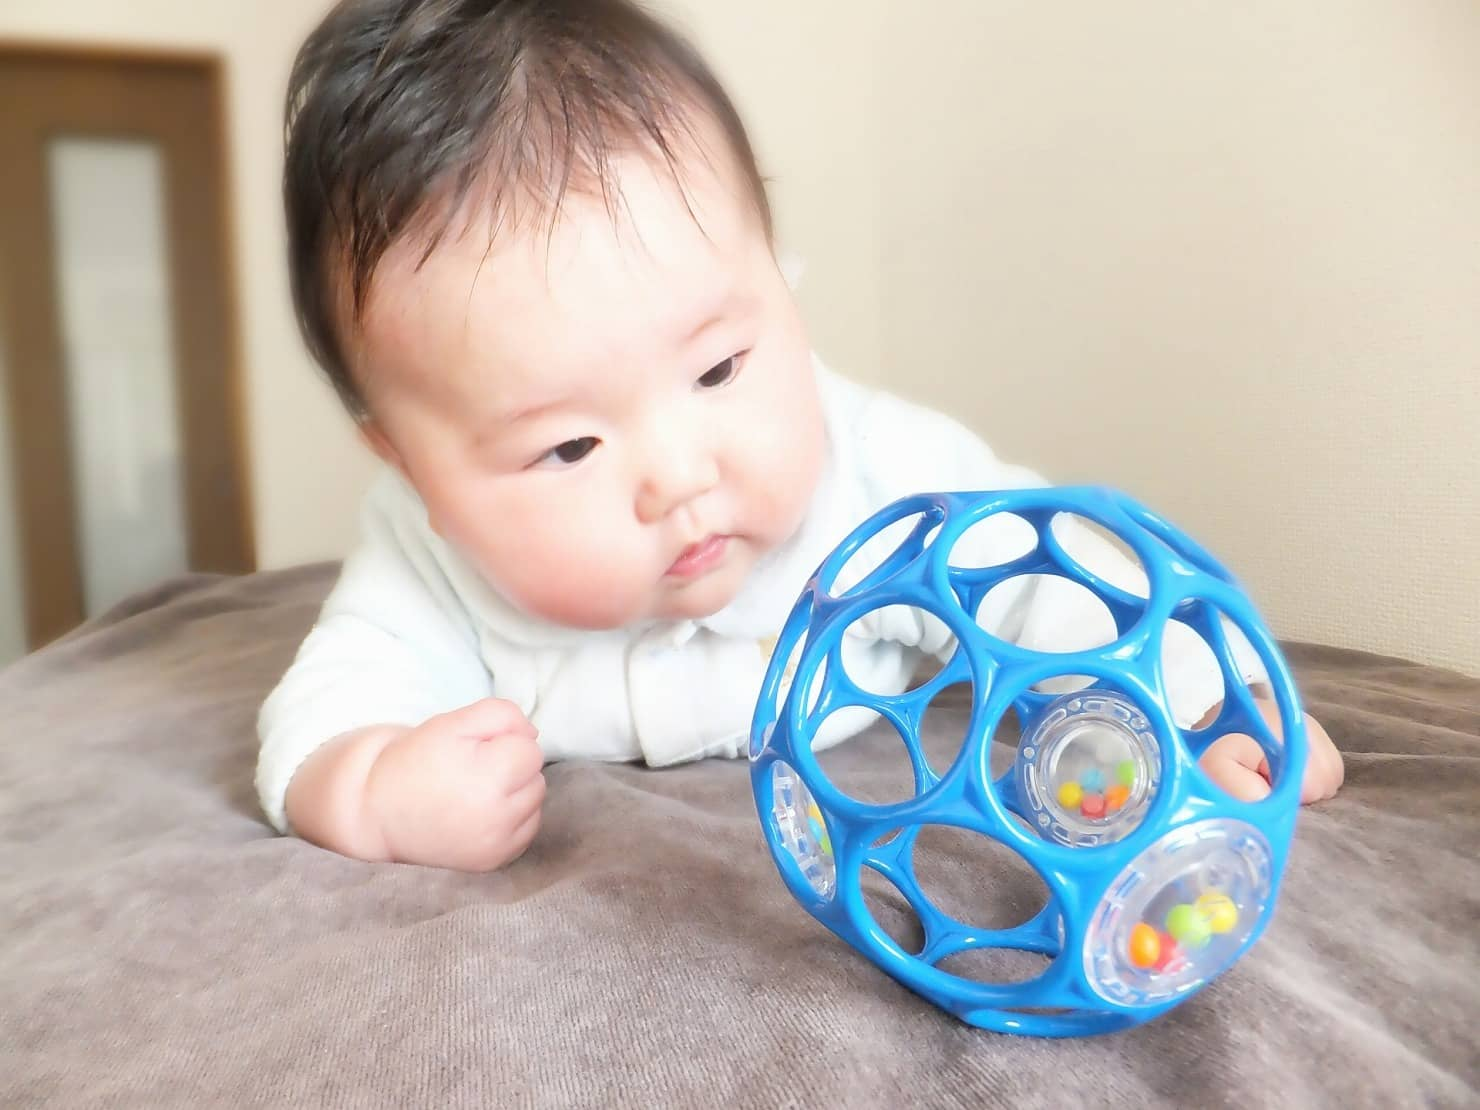 生後4ヶ月の赤ちゃんの成長目安は? 体重や身長は? 寝返り&スプーン練習スタート!